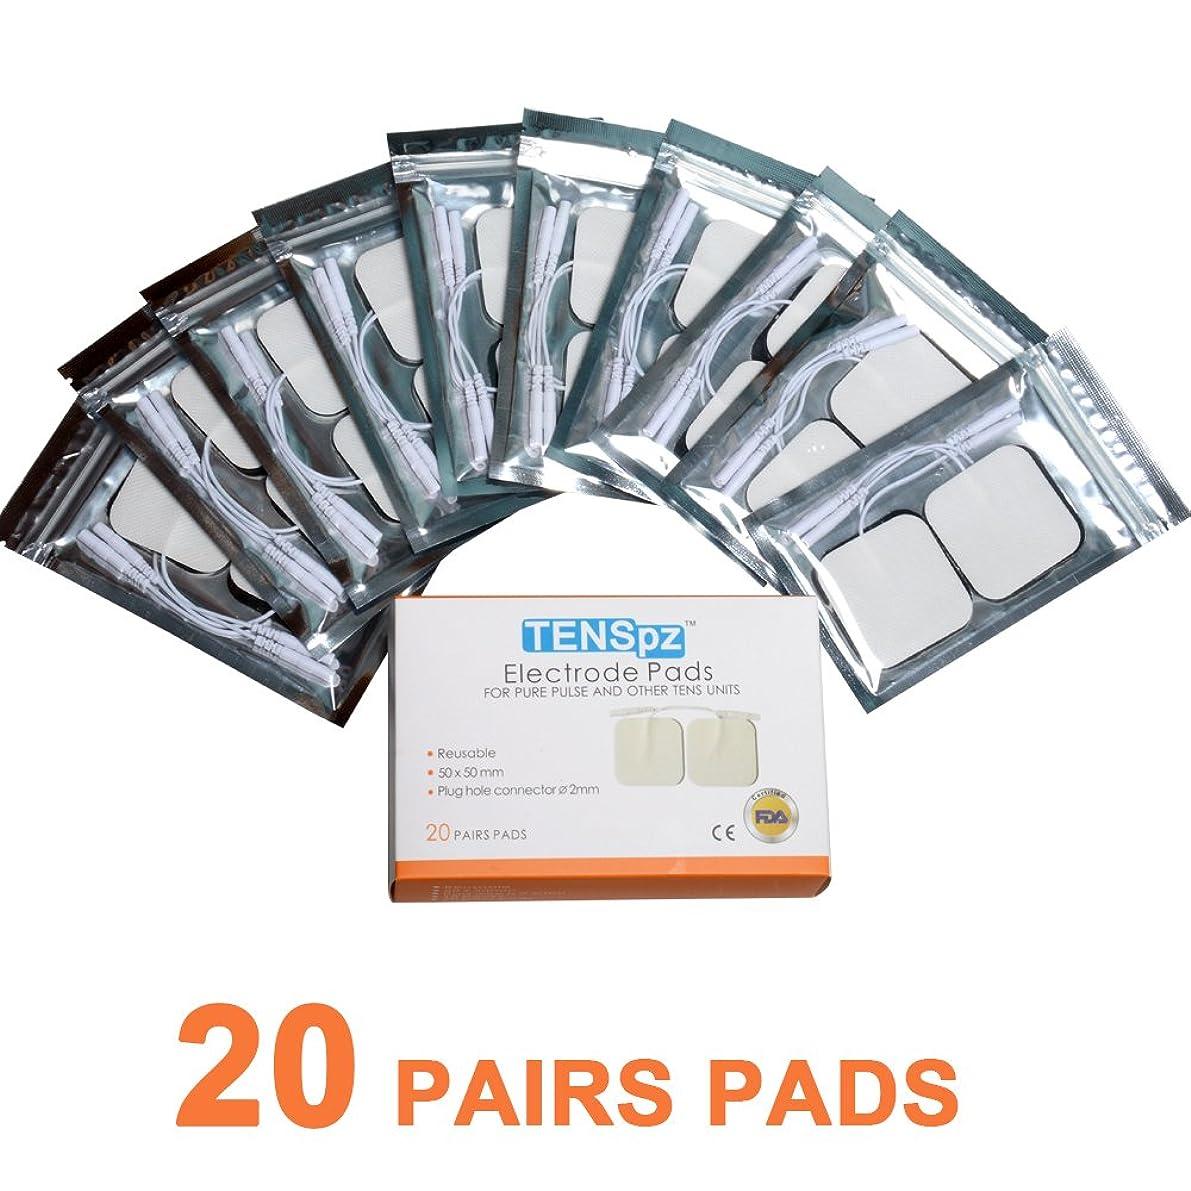 統合するばかげているネズミTens pz 粘着パッド 低周波用 5*5cm電極パッド ,10袋,4枚入り/袋